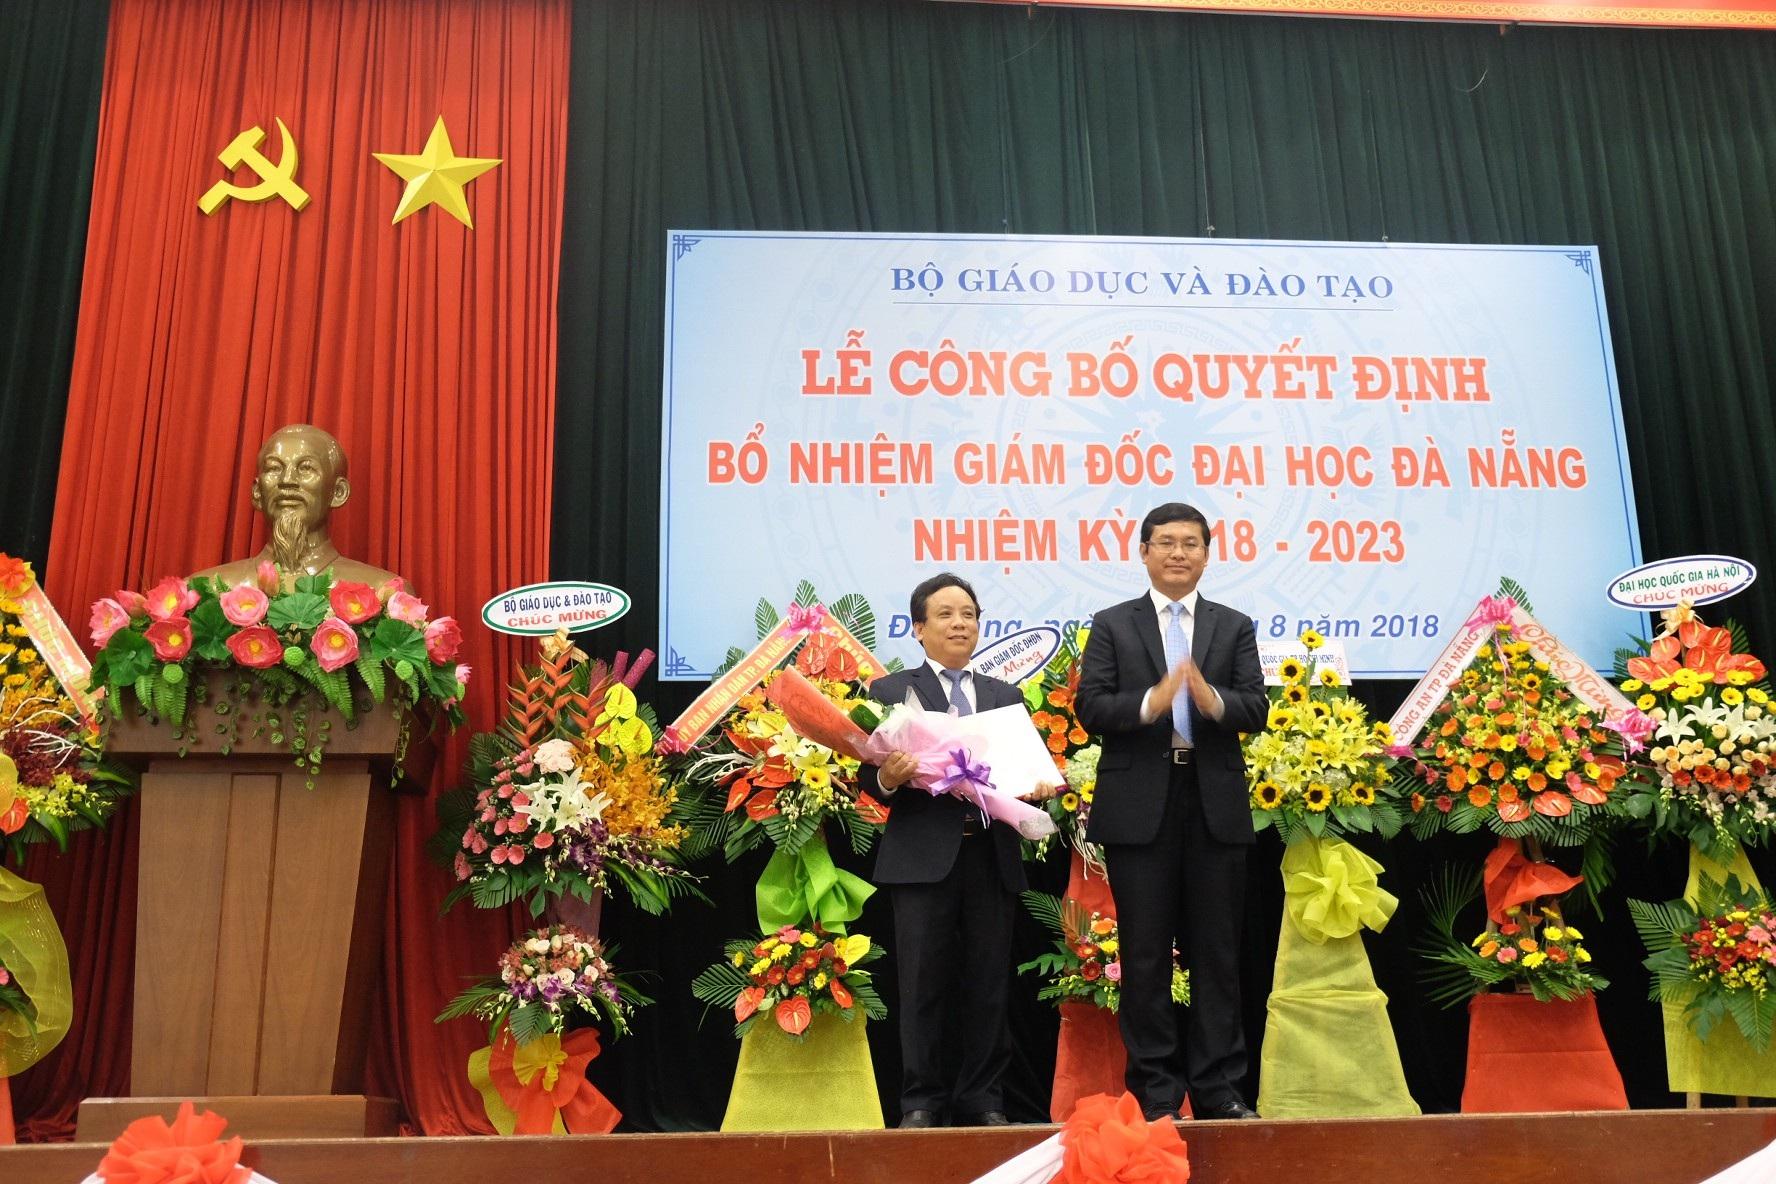 PGS.TS Nguyễn Ngọc Vũ (bên trái) nhận Quyết định của Bộ GD-ĐT về việc bổ nhiệm Giám đốc ĐH Đà Nẵng nhiệm kỳ 2018 - 2023